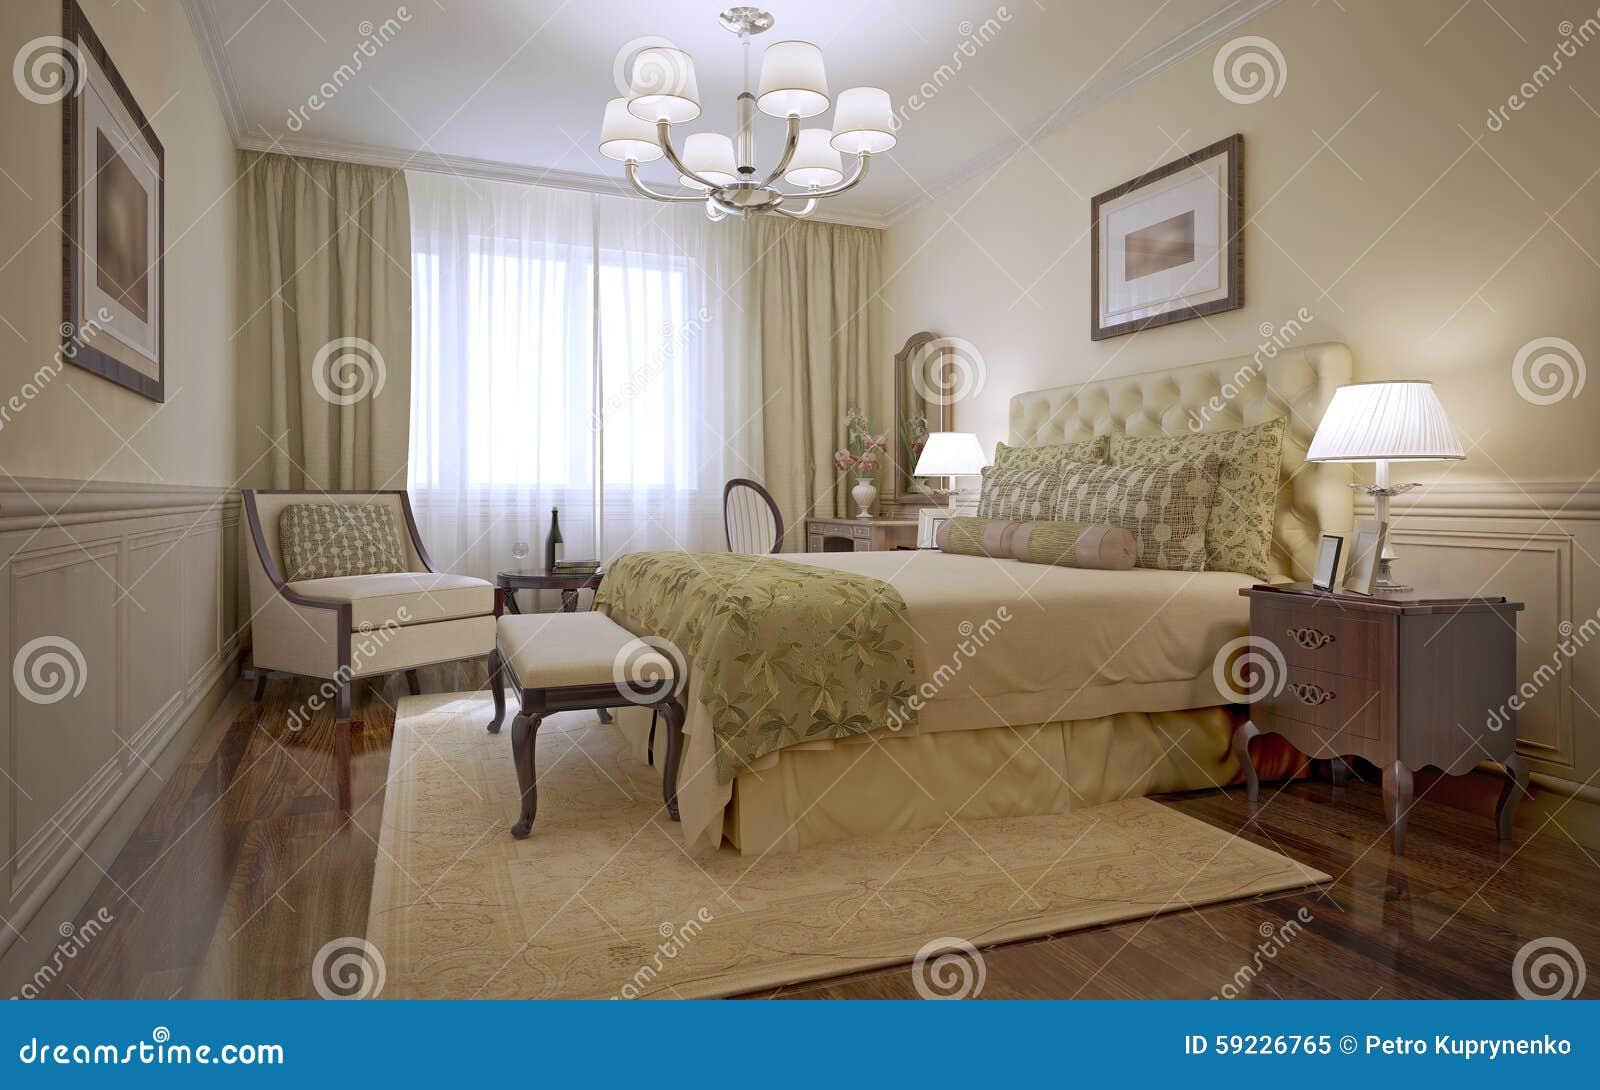 Stile di lusso di inglese della camera da letto - Camere da letto stile inglese ...